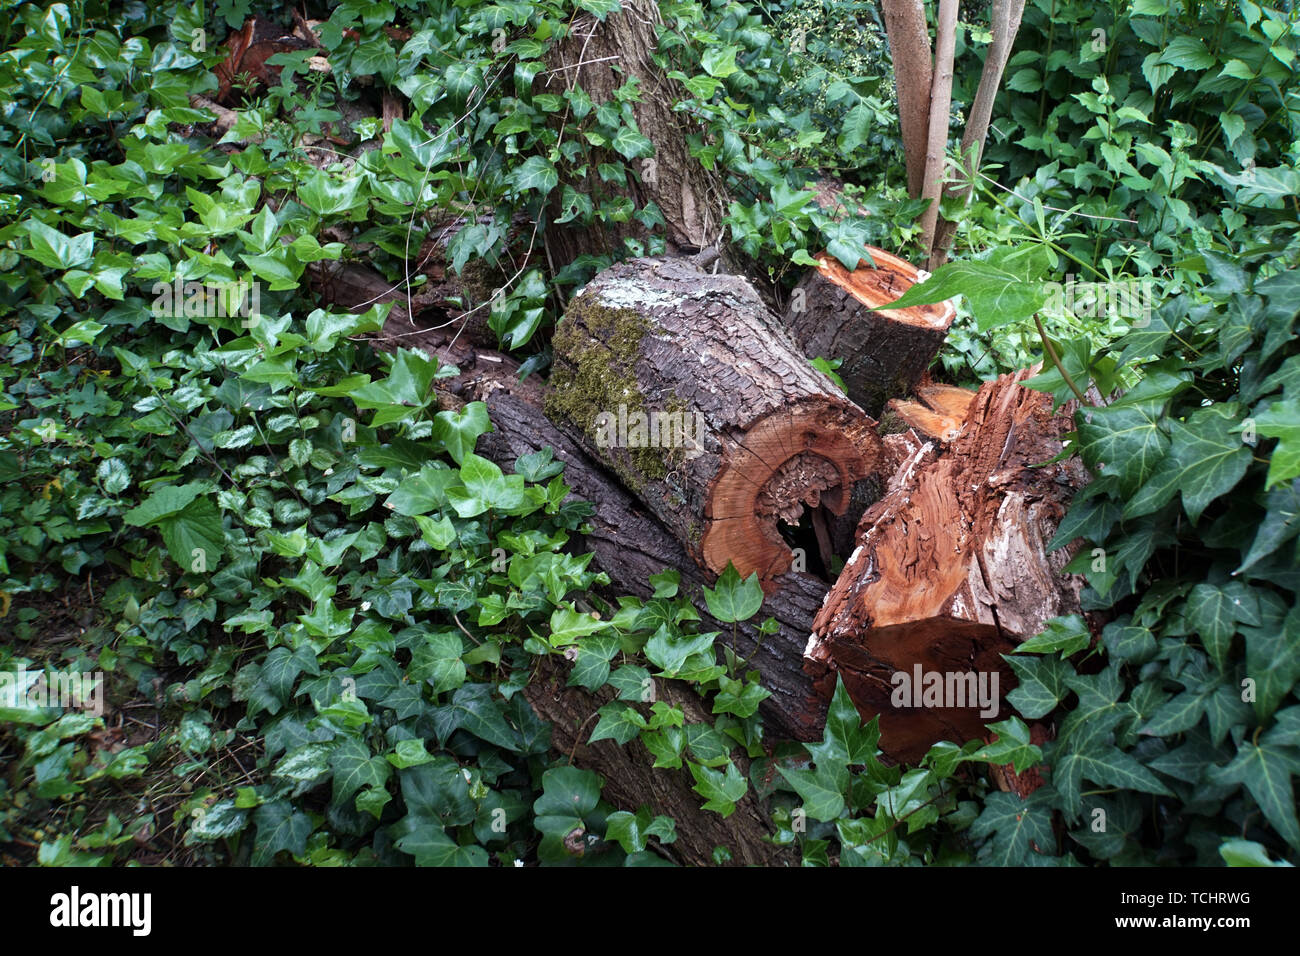 modernde Baumstücke im naturnahen Garten - Lebensraum für Mikroorganismen und Insekten - Stock Image